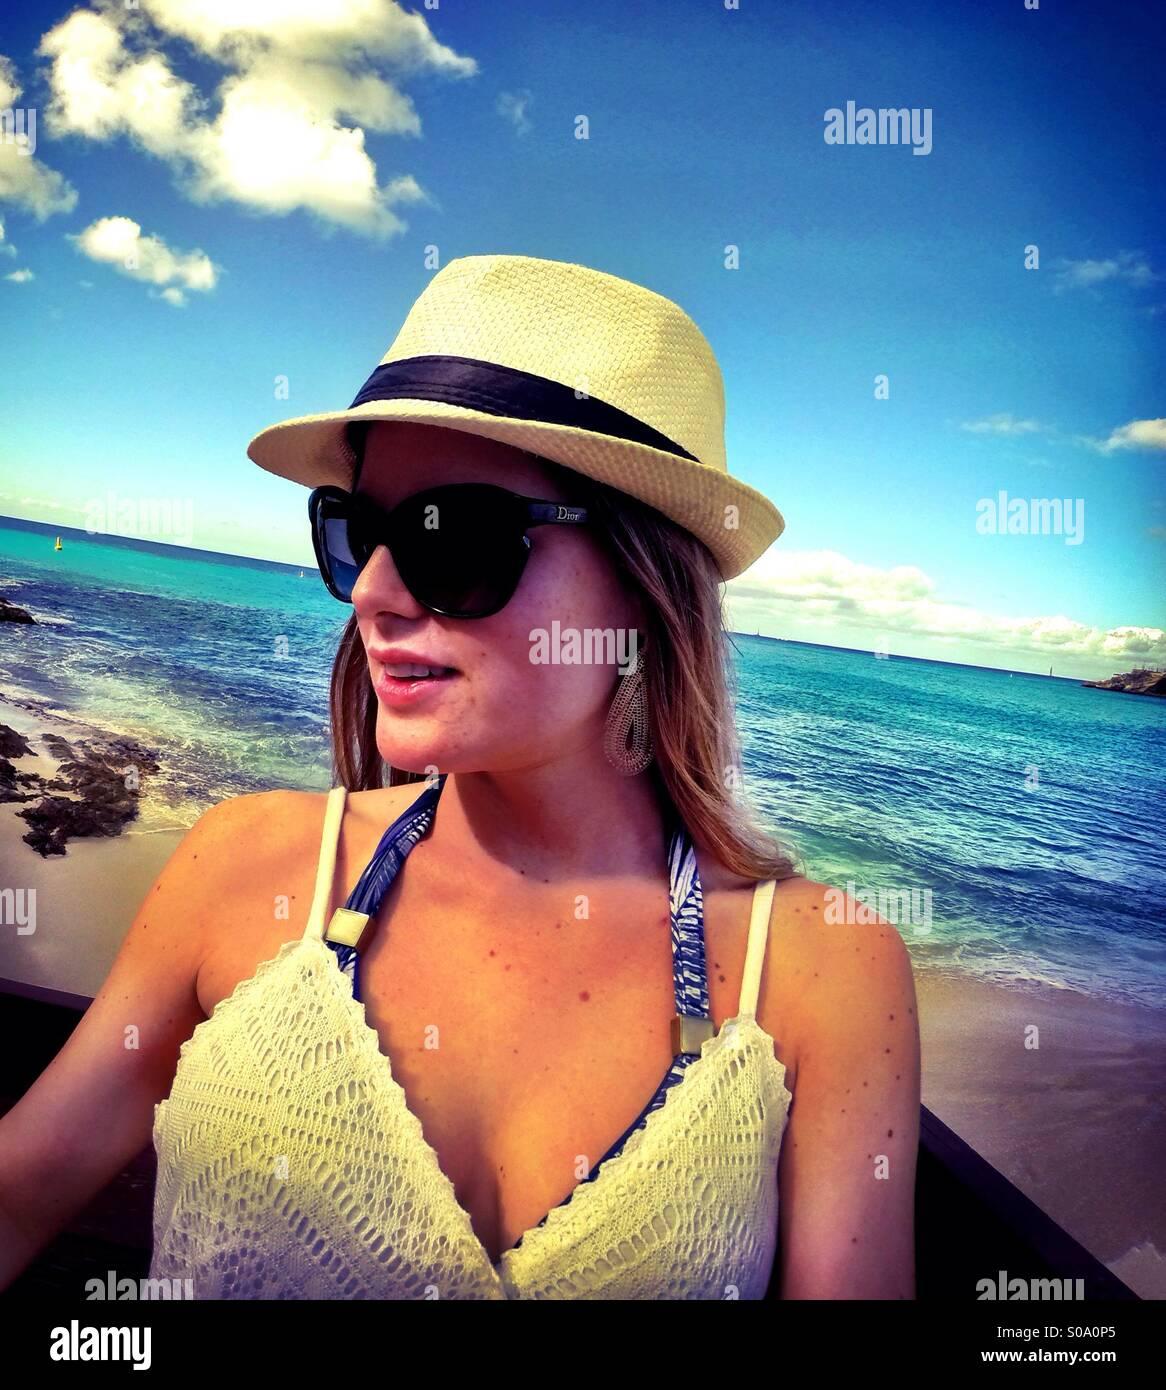 Caraibi Saint Maarten isole ritratto - Moda, spiaggia, Viaggiare, Stile di vita Immagini Stock